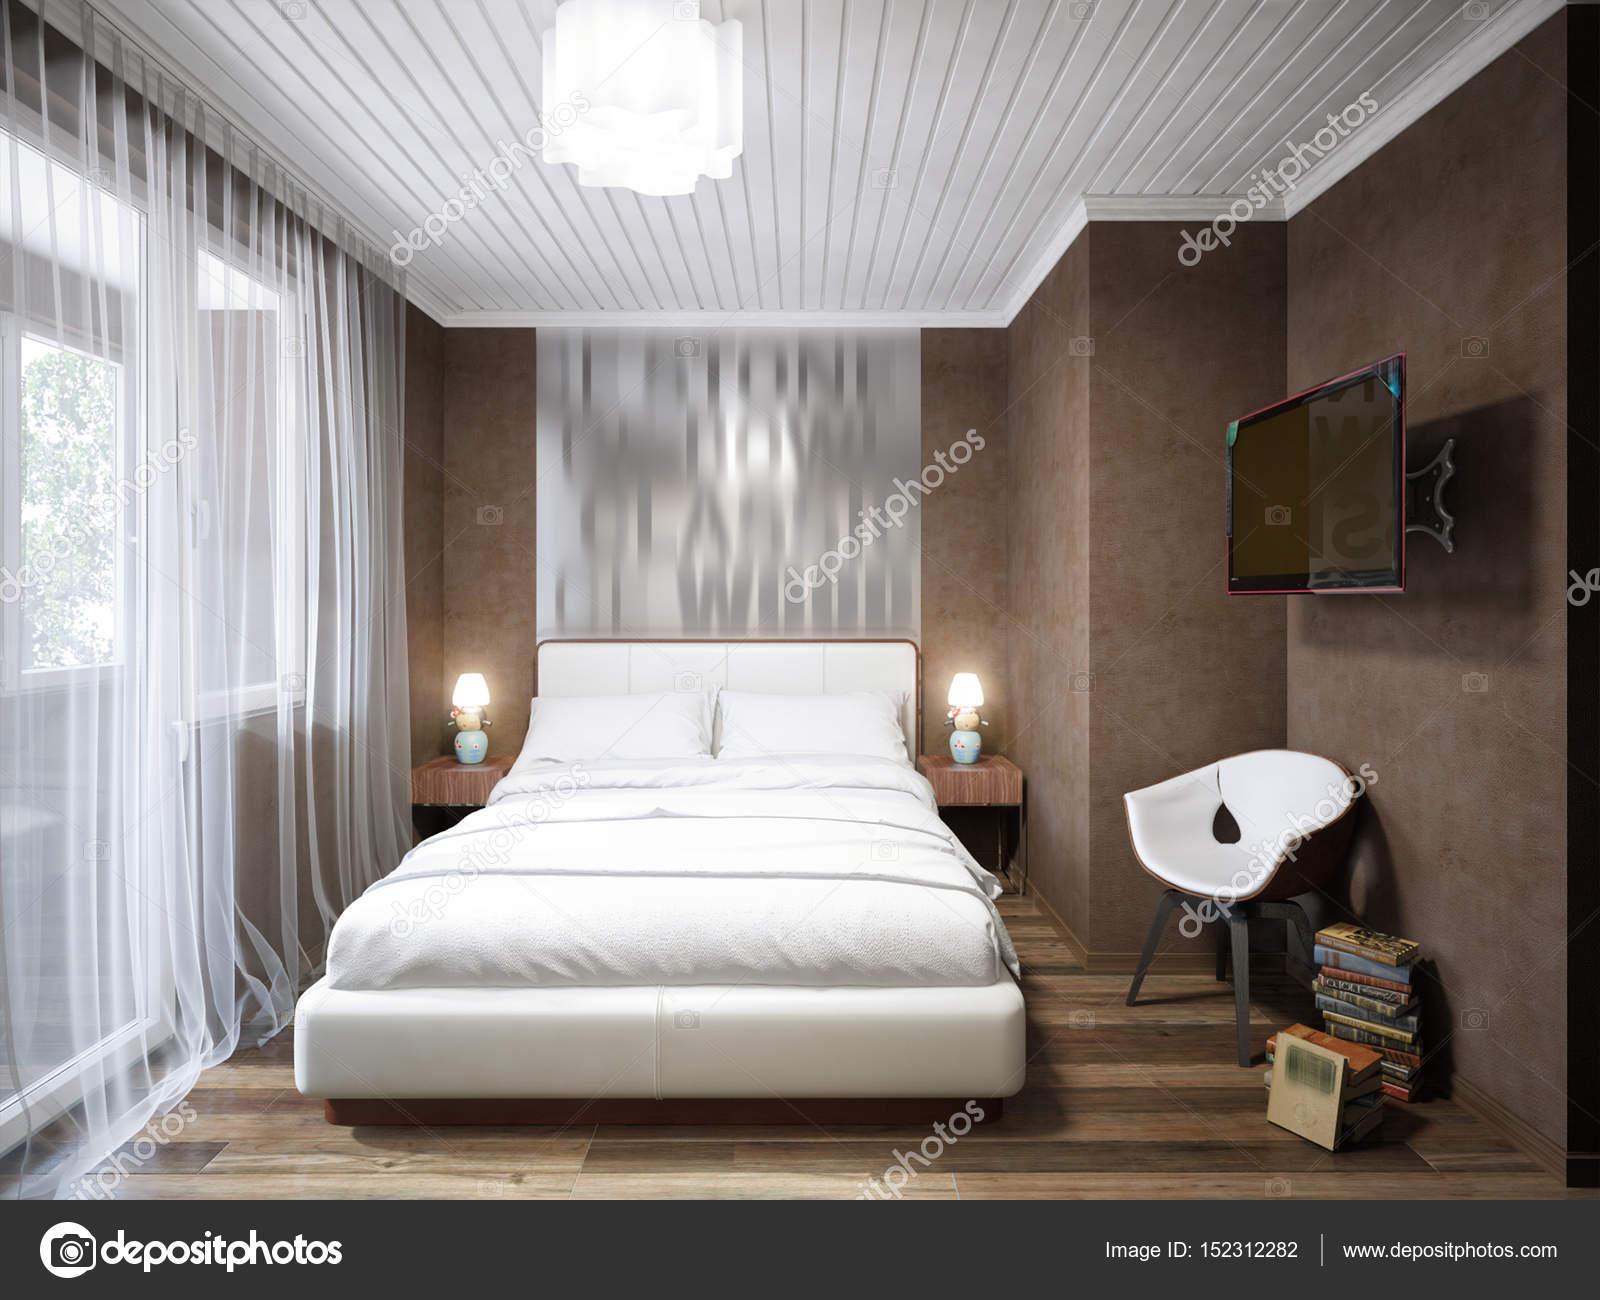 Dise o de interiores de dormitorio peque o moderno for Diseno de habitacion de estilo contemporaneo